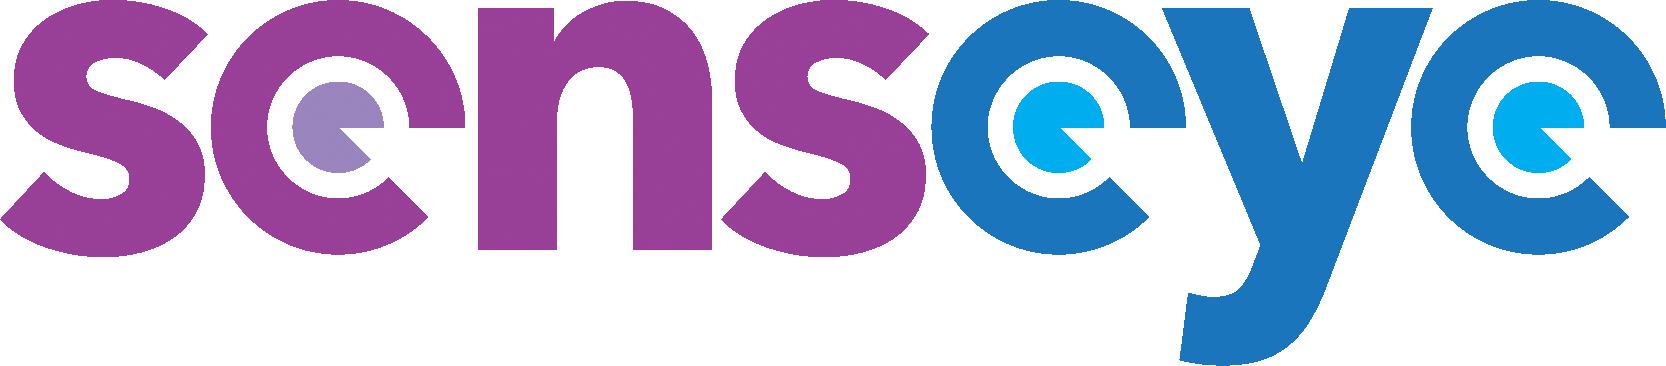 Senseye Ltd.